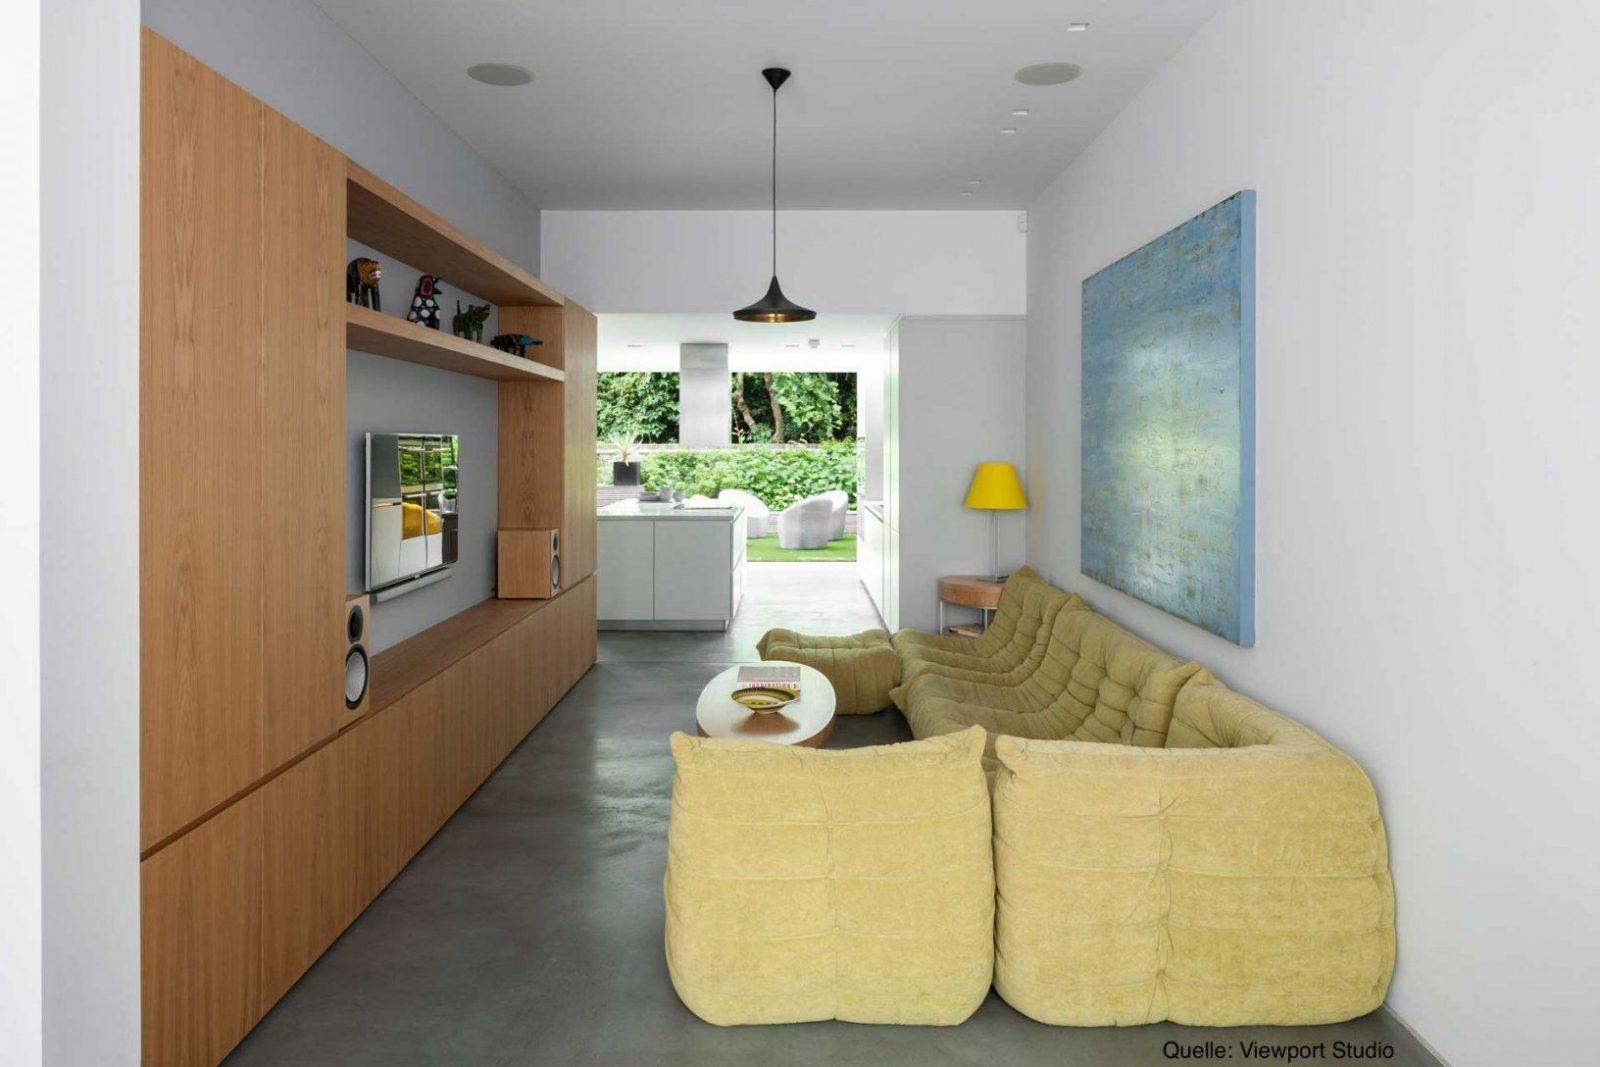 Kleine Wohnung Einrichten Intelligente Wände  Beste Sammlung Von von Kleine Wohnung Einrichten Intelligente Wände Bild